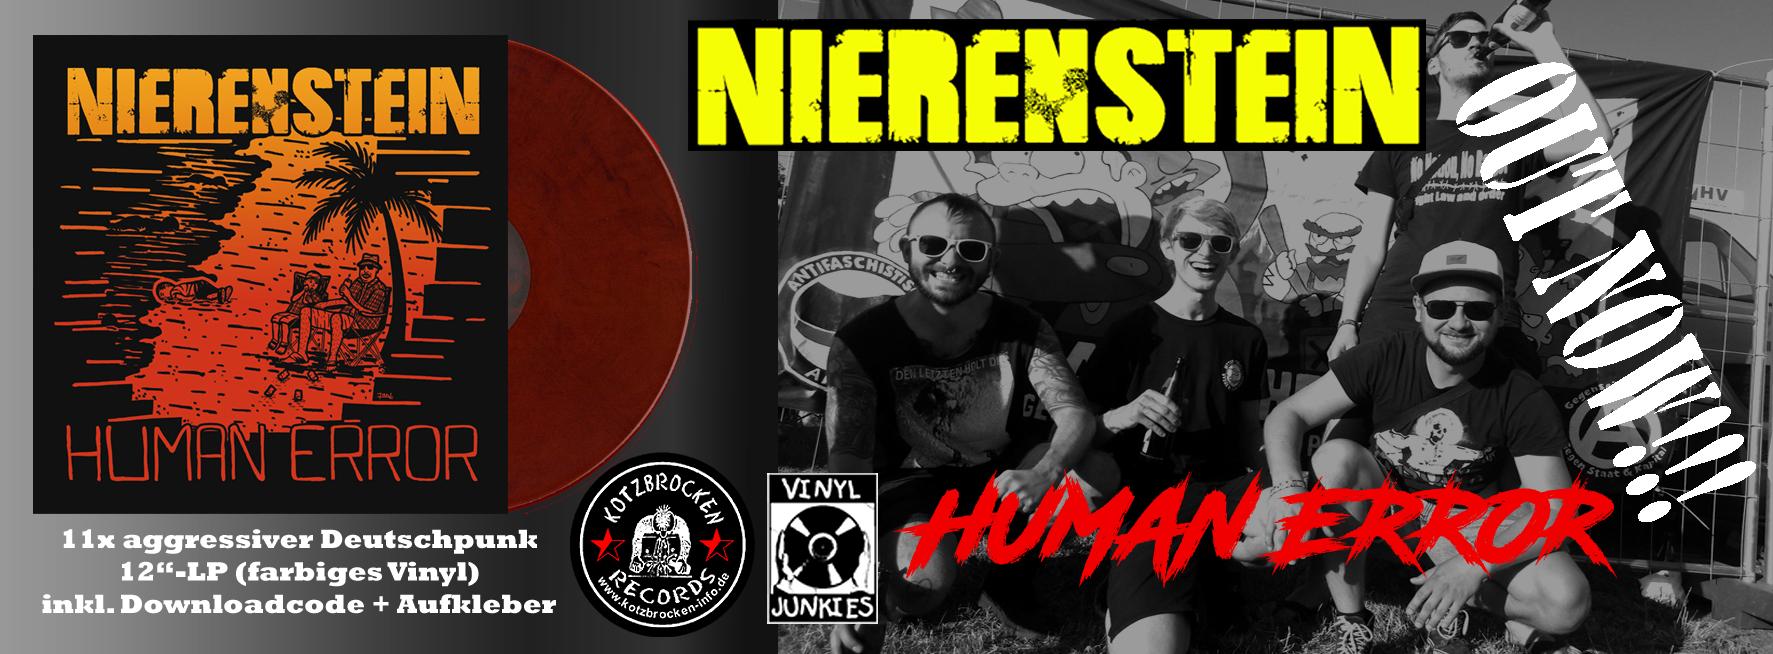 NIERENSTEIN - Human Error (LP + MP3 / farbiges Vinyl)